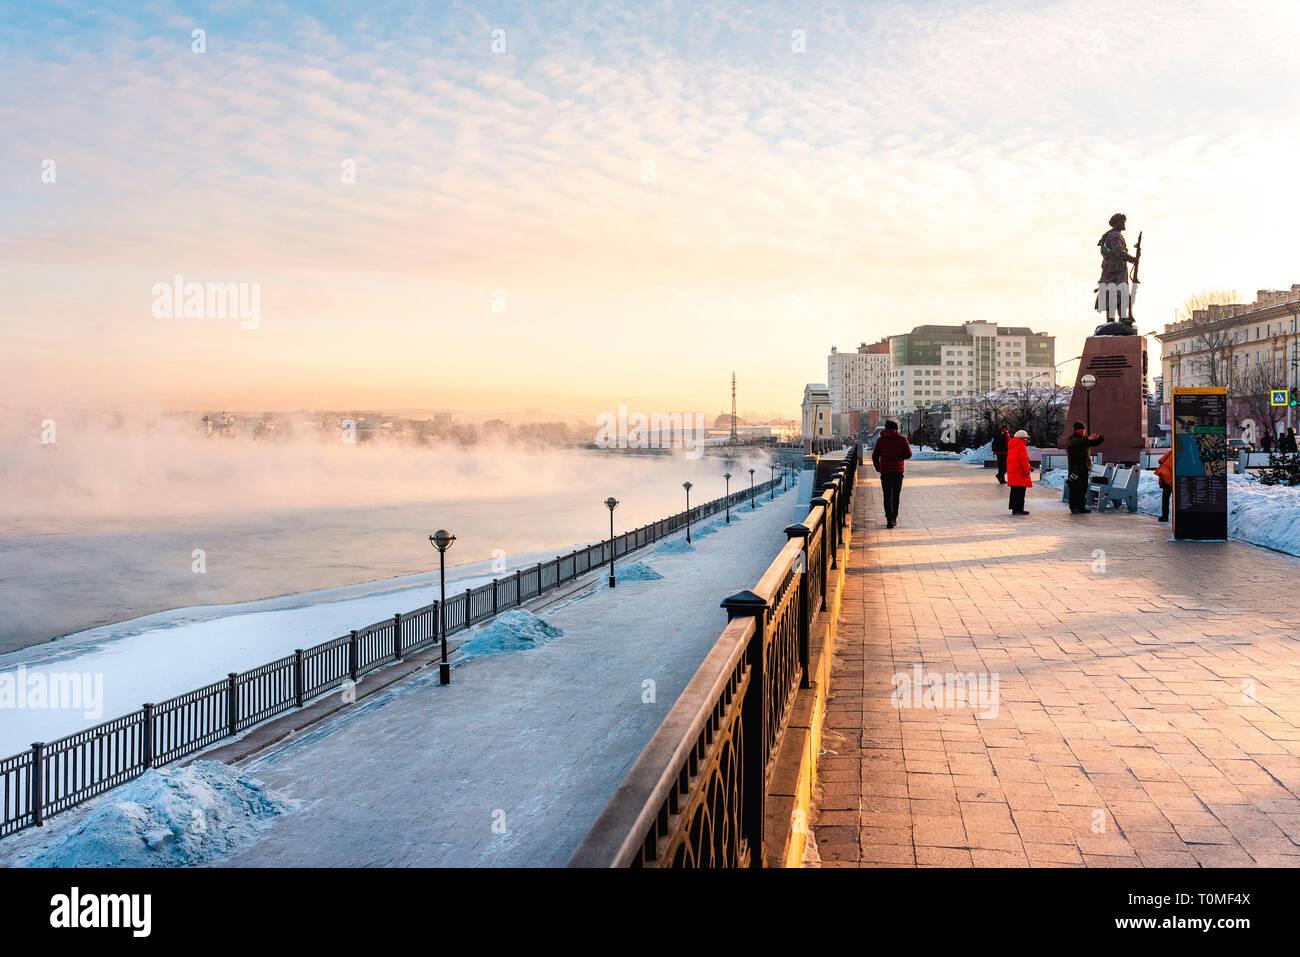 Zone piétonne et promenade sur les rives de la rivière Irkut, Irkoutsk, en Sibérie, Russie Banque D'Images